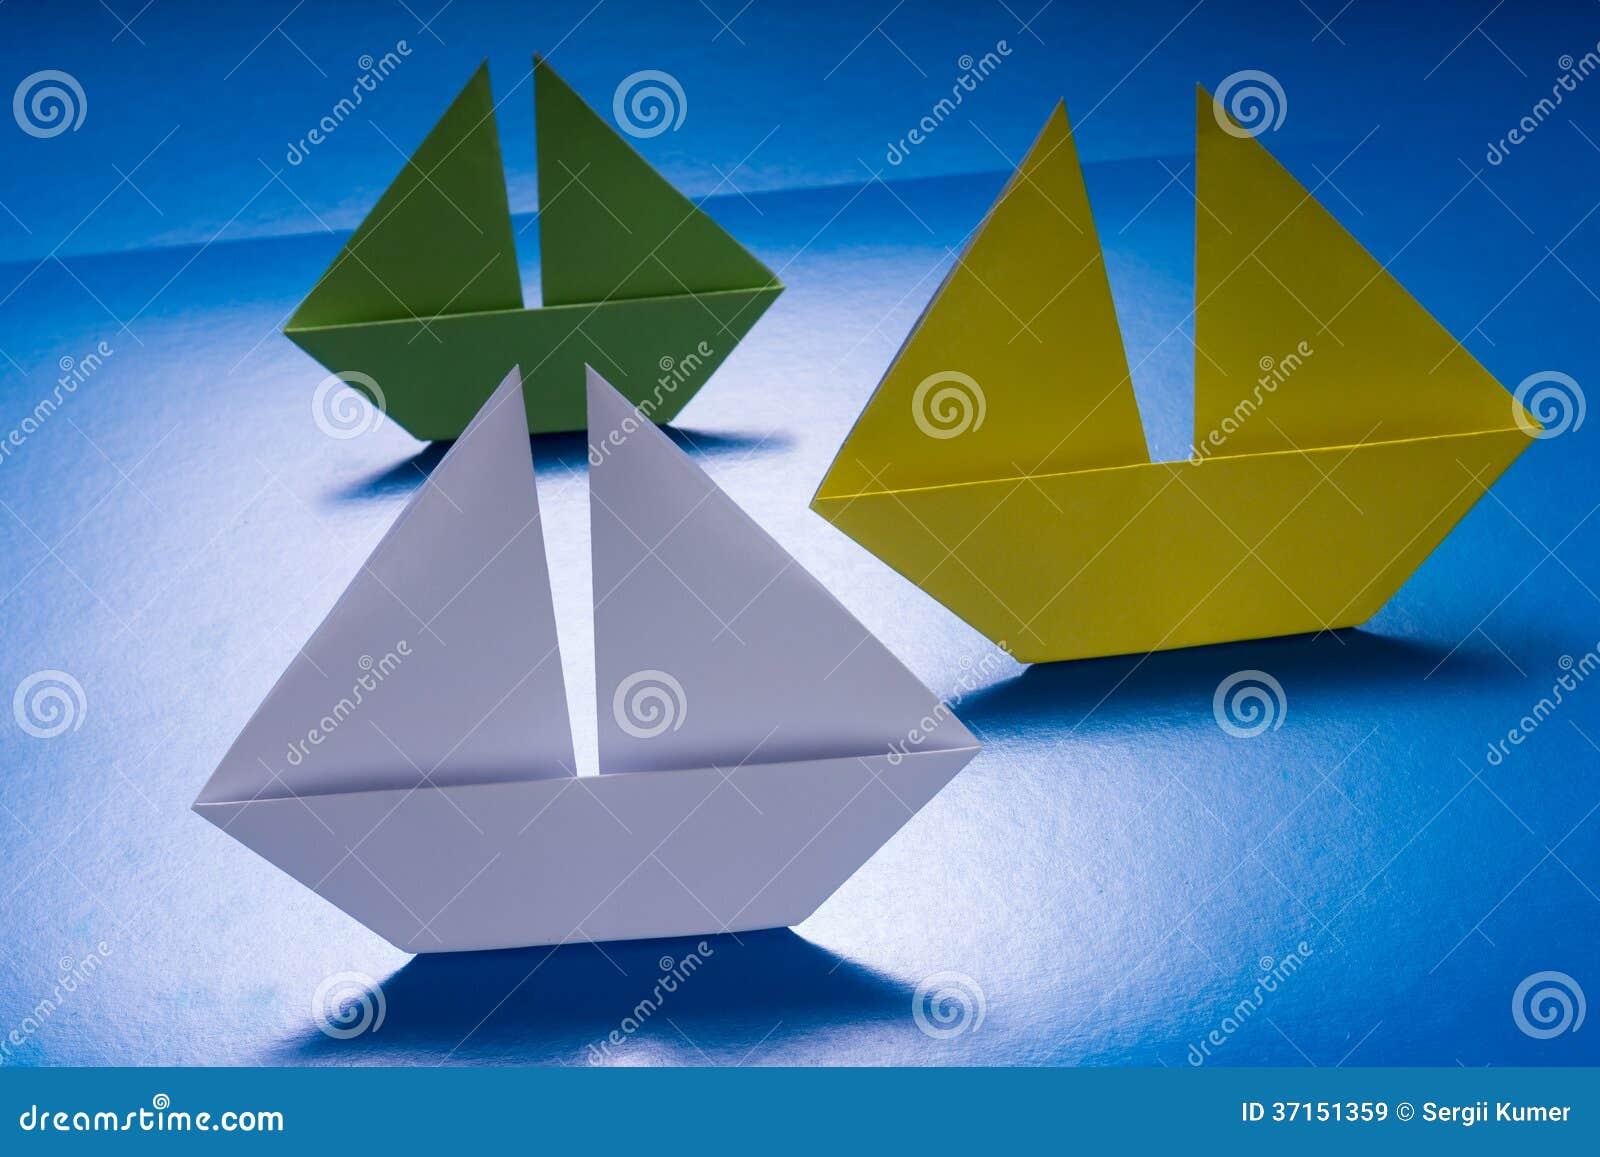 papierboote  die auf meer des blauen papiers segeln